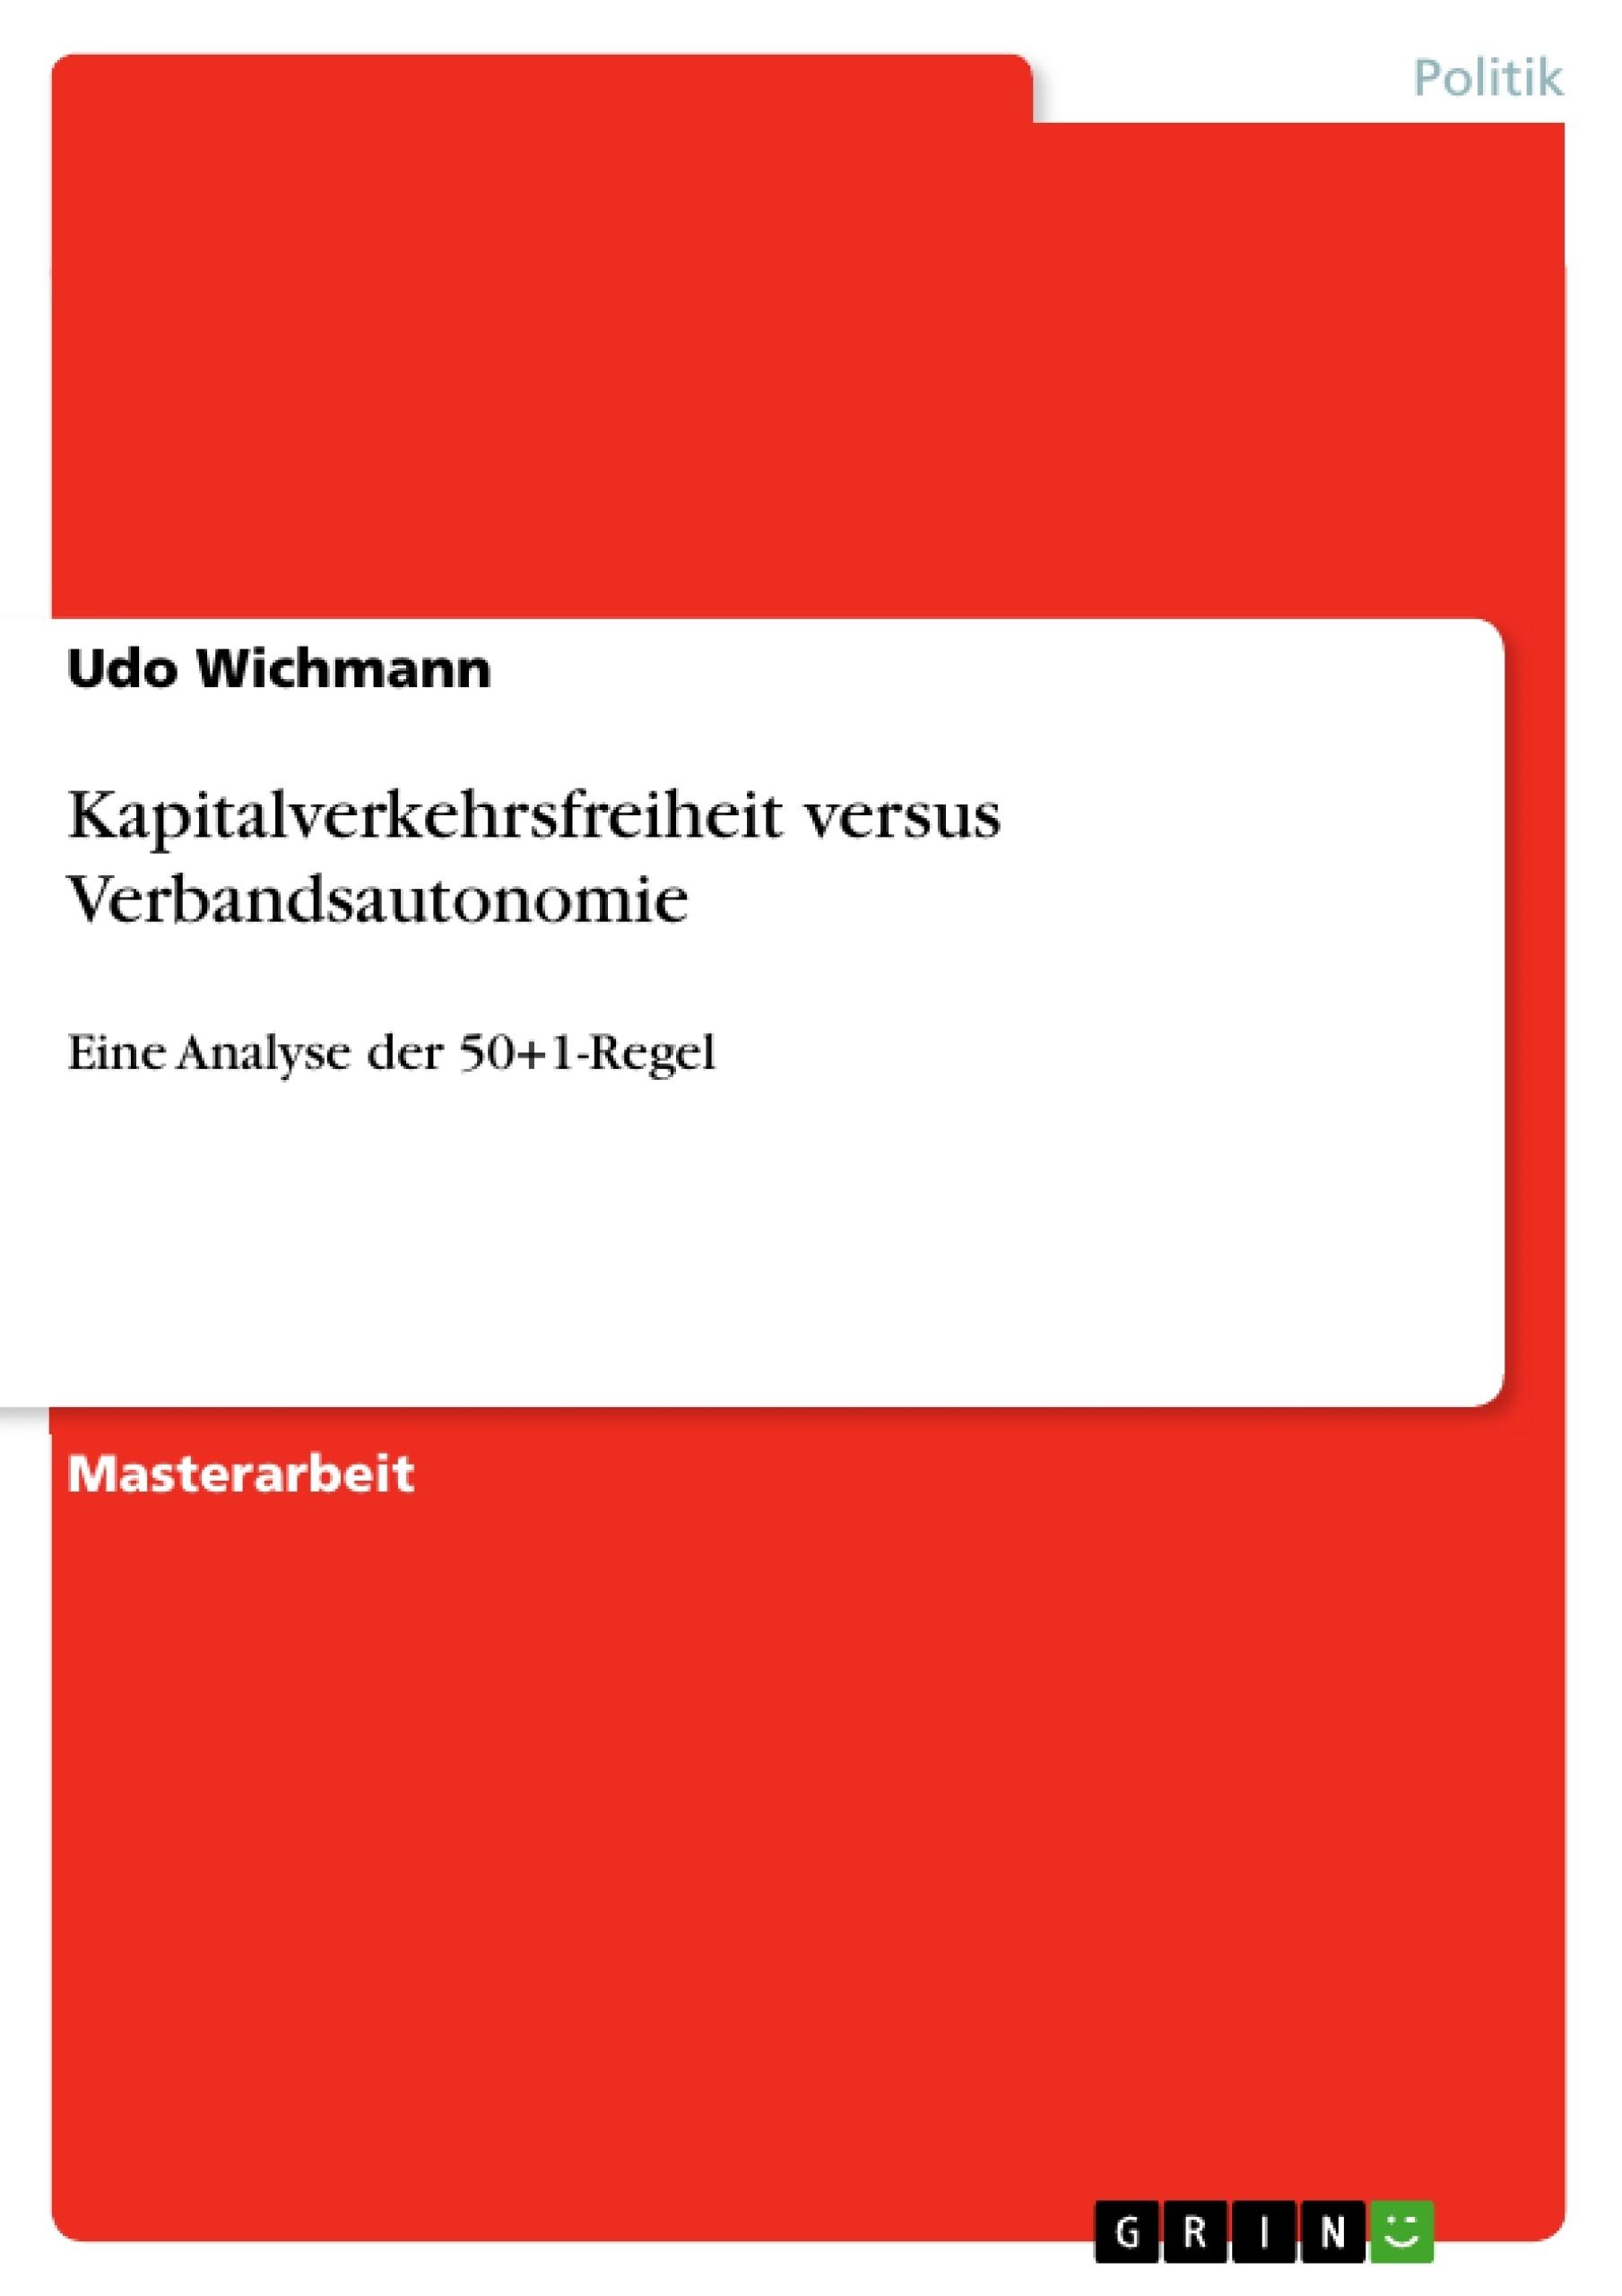 Titel: Kapitalverkehrsfreiheit versus Verbandsautonomie